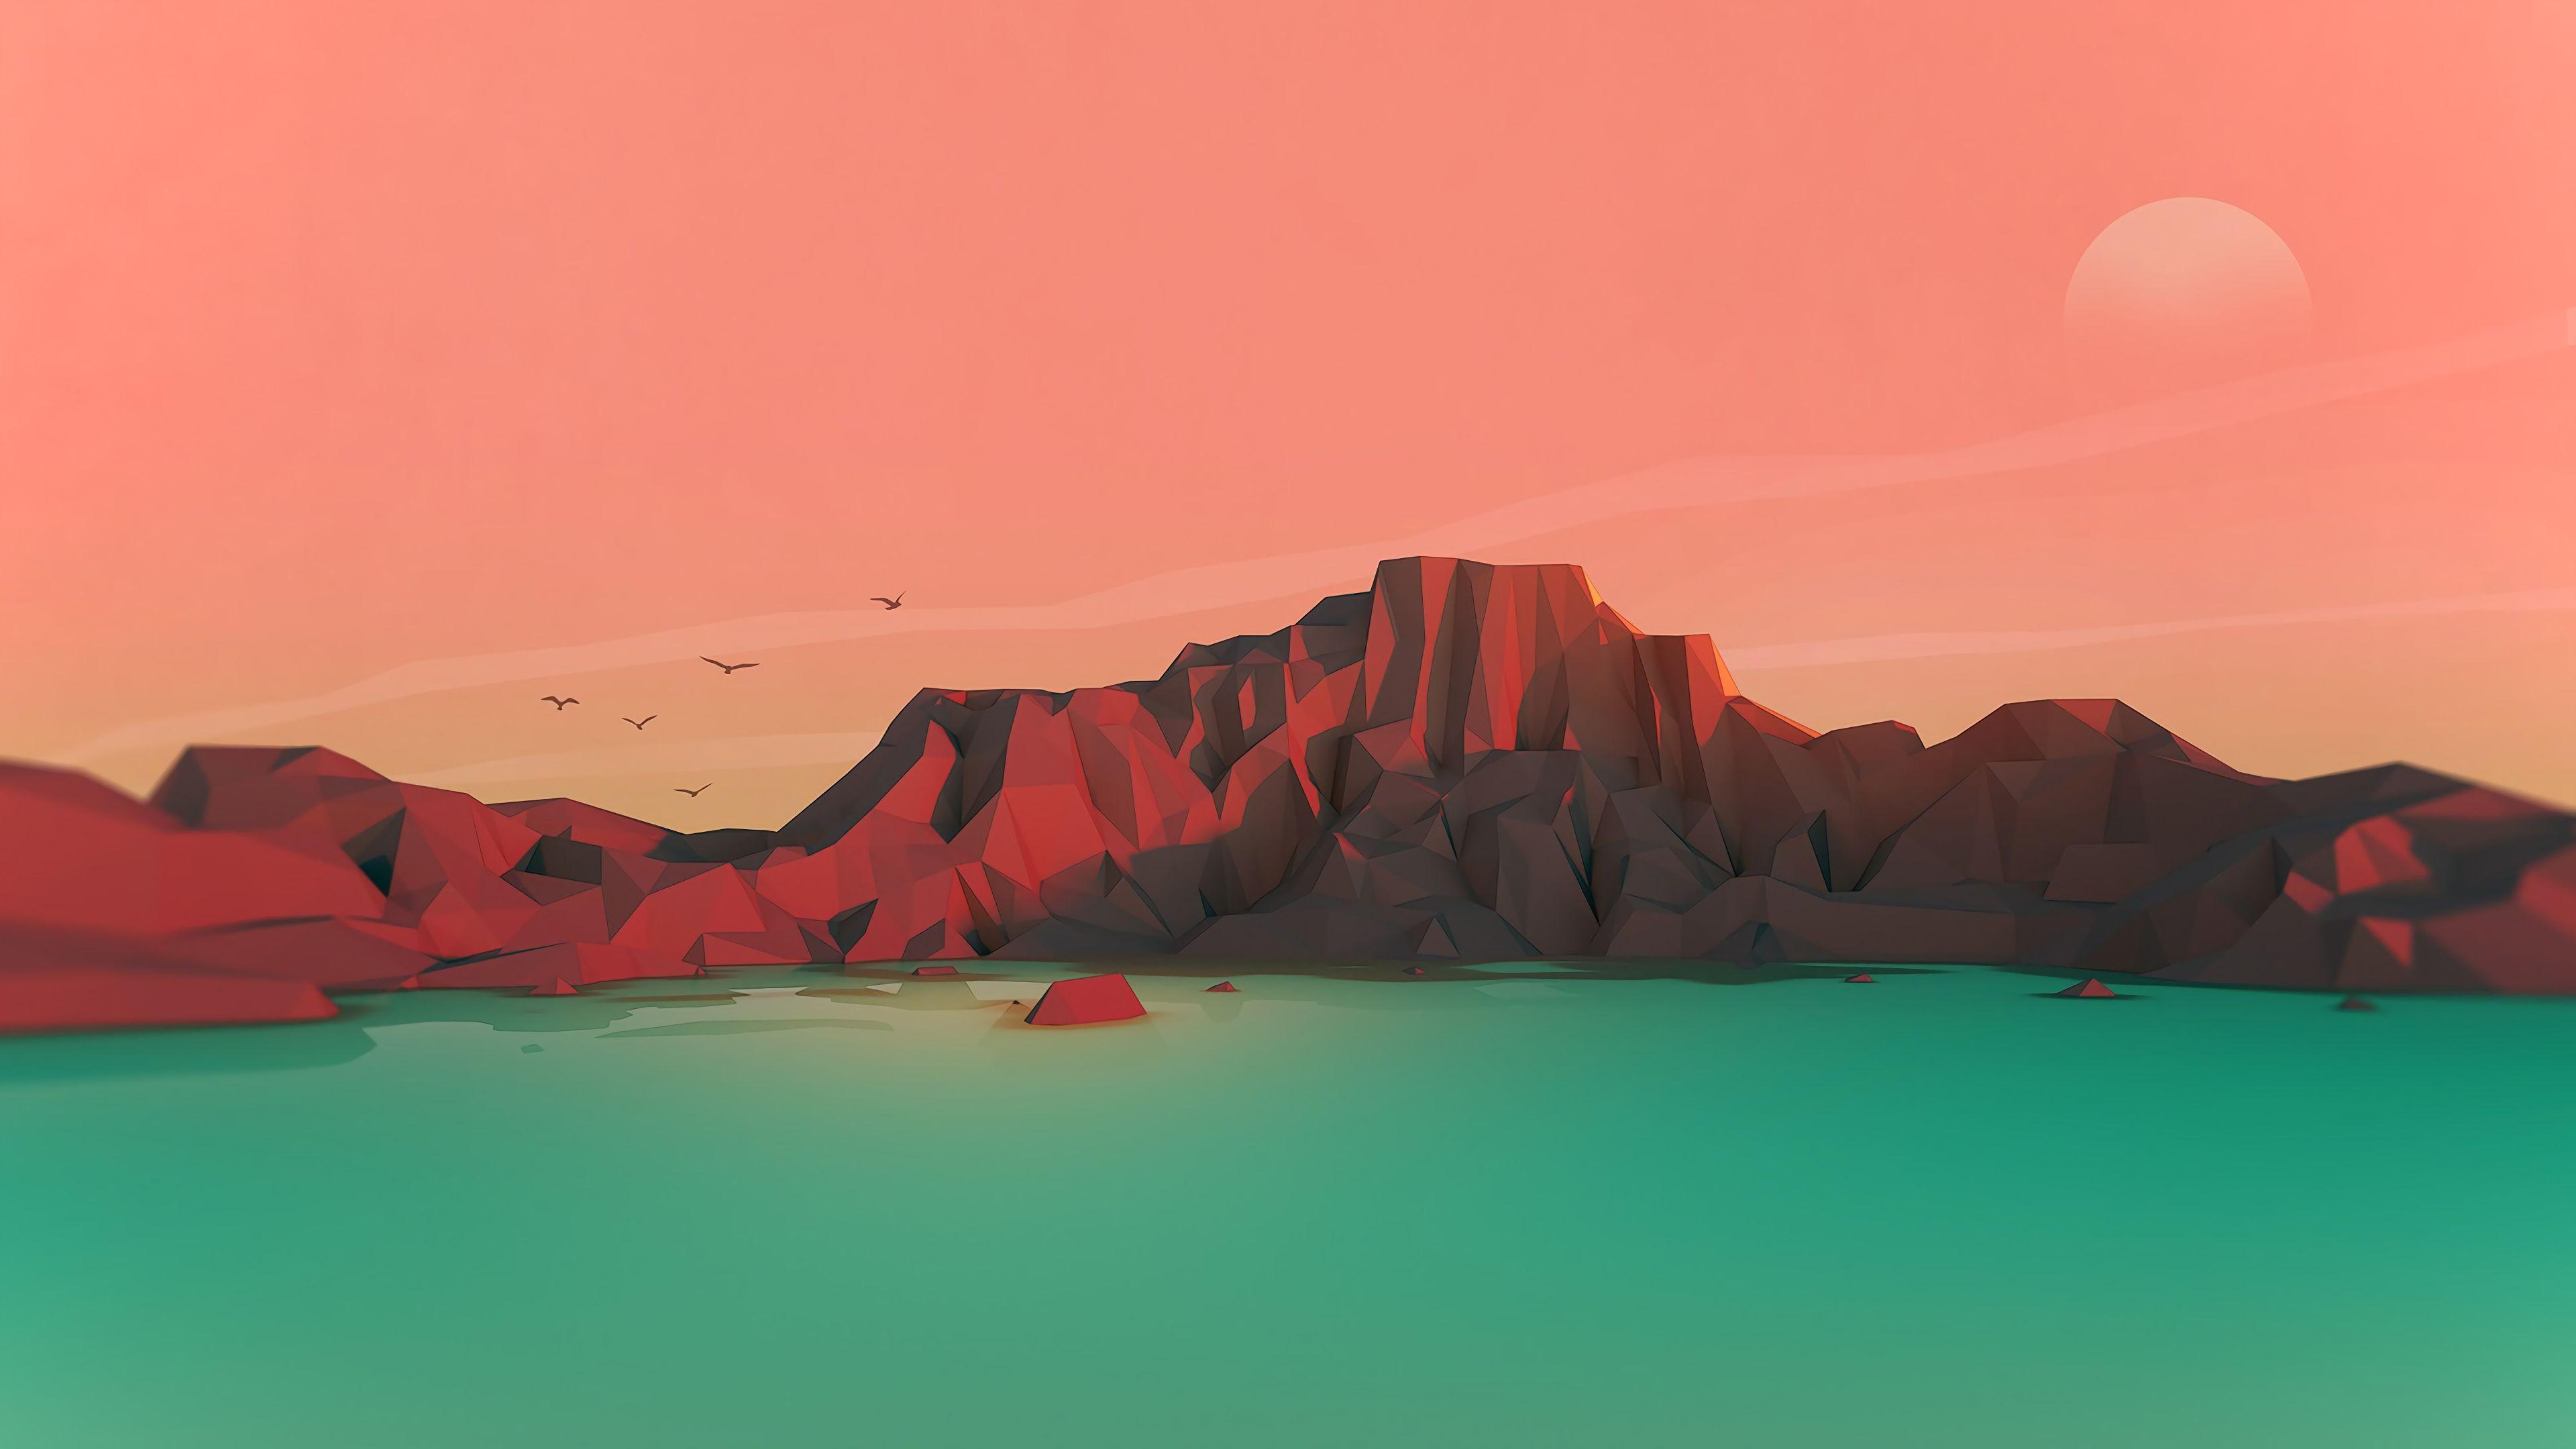 Landscape Low Poly Minimalist Minimalism 4k 21660 In 2020 Desktop Wallpaper Art Minimalist Desktop Wallpaper Landscape Wallpaper